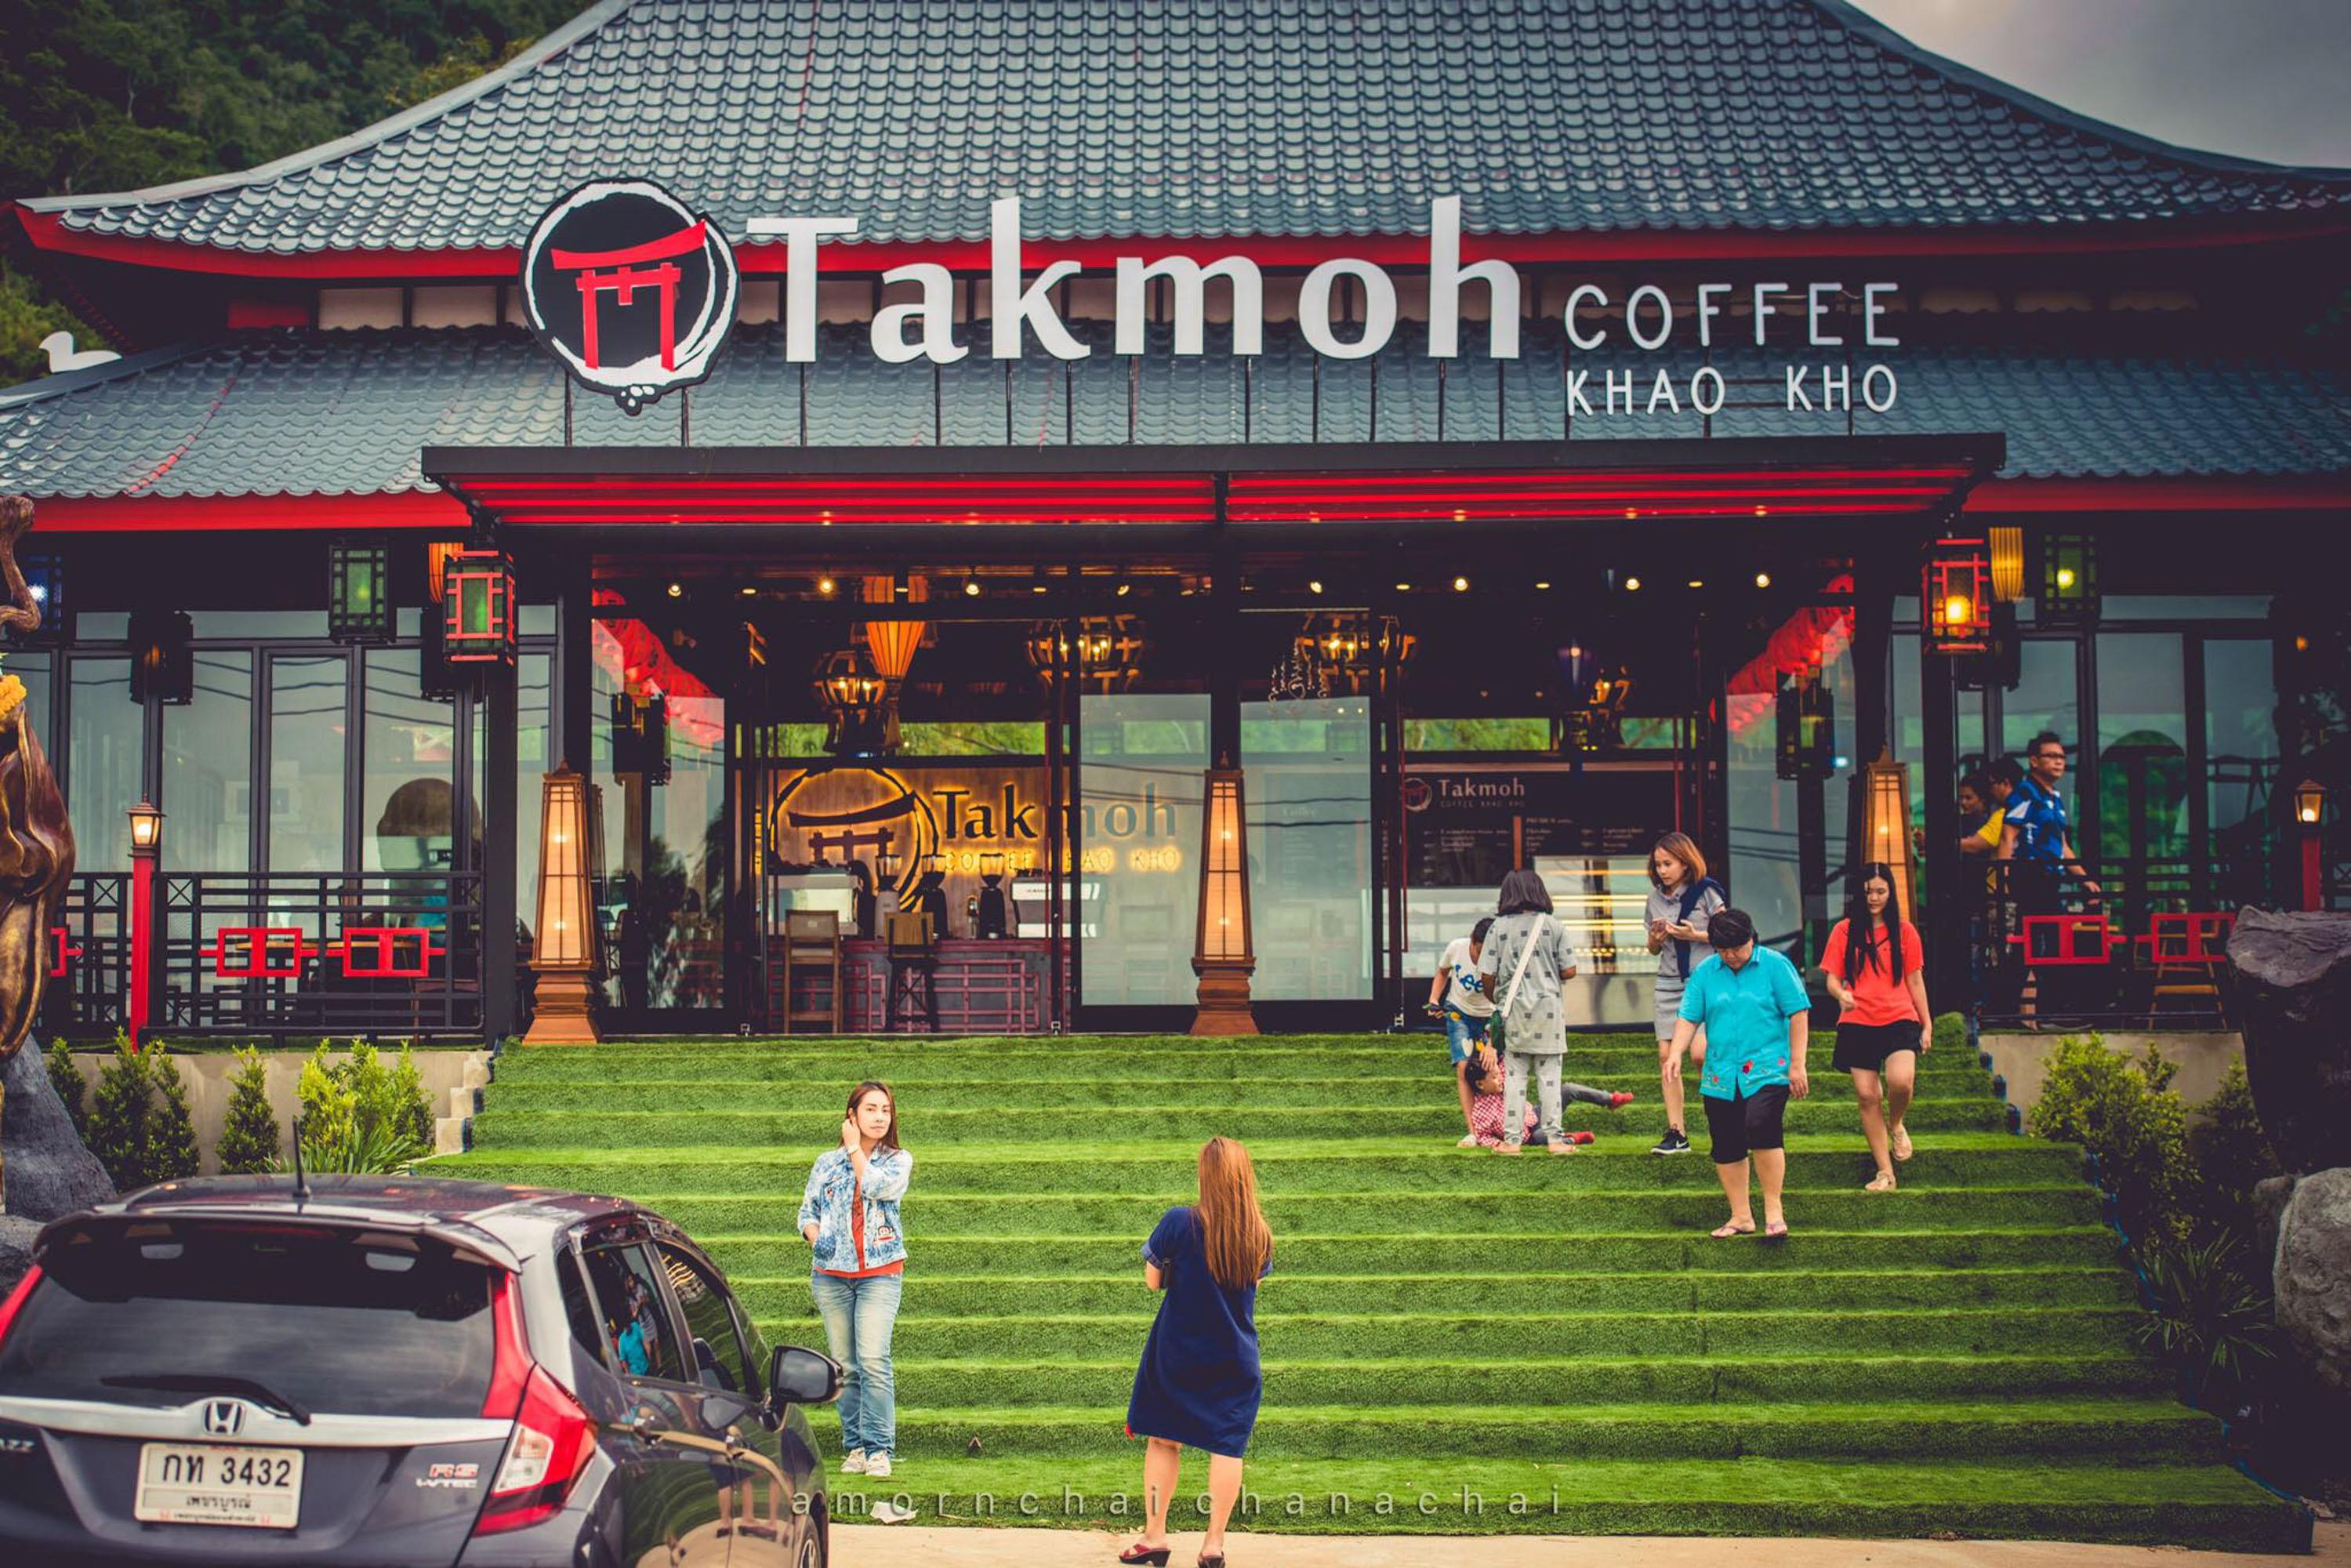 ตั๊กม้อ Takmoh ร้านกาแฟวิวทะเลหมอก เขาค้อ นครศรีดีย์